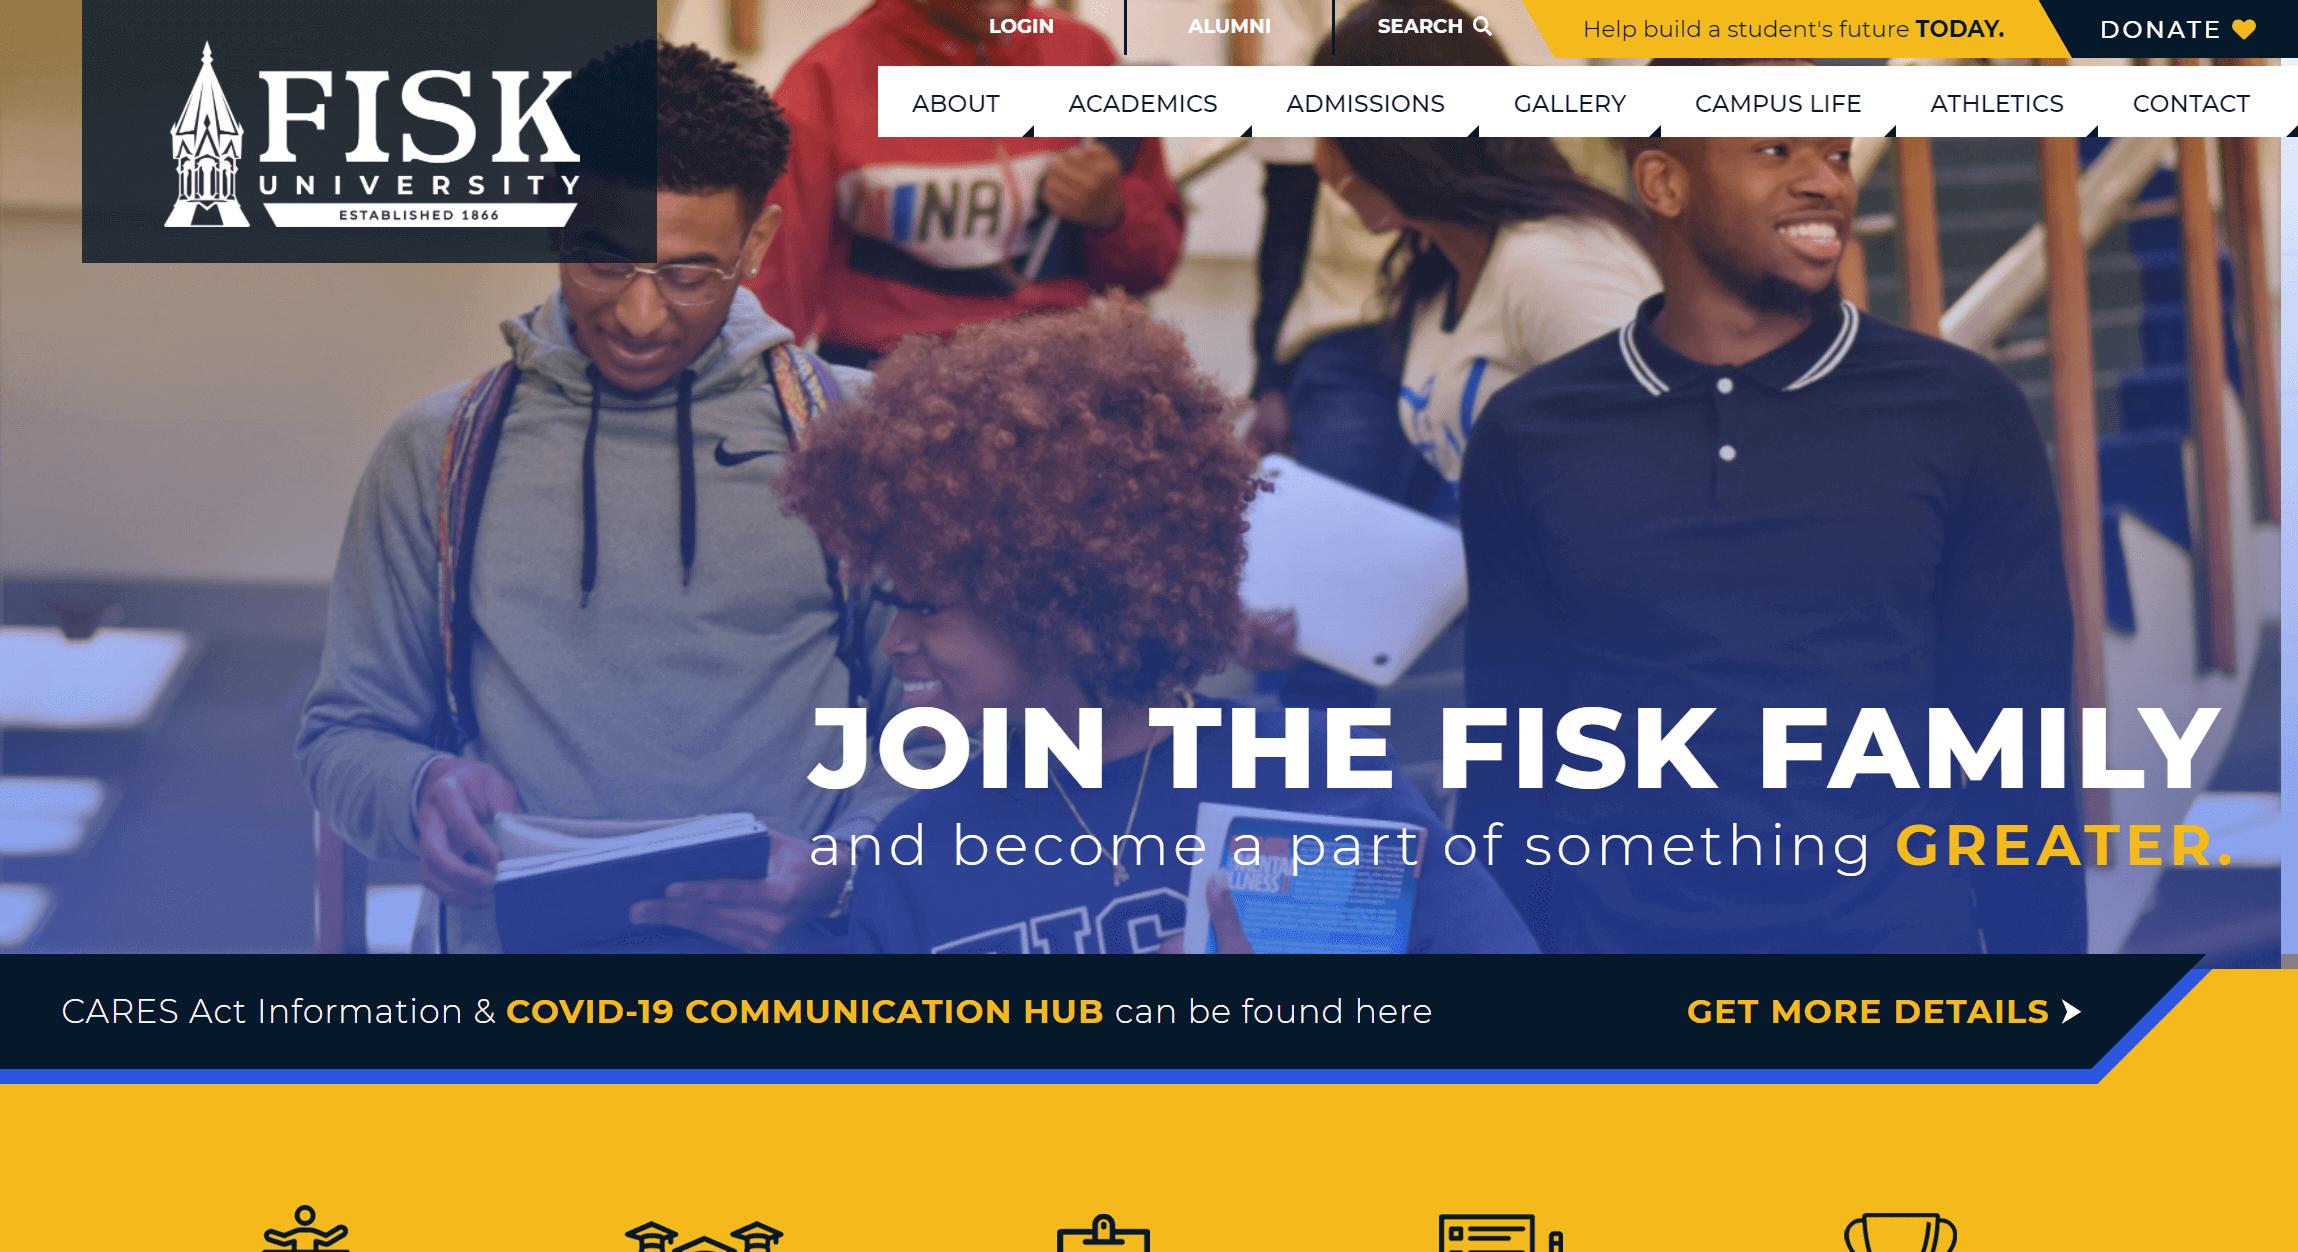 www.fisk.edu